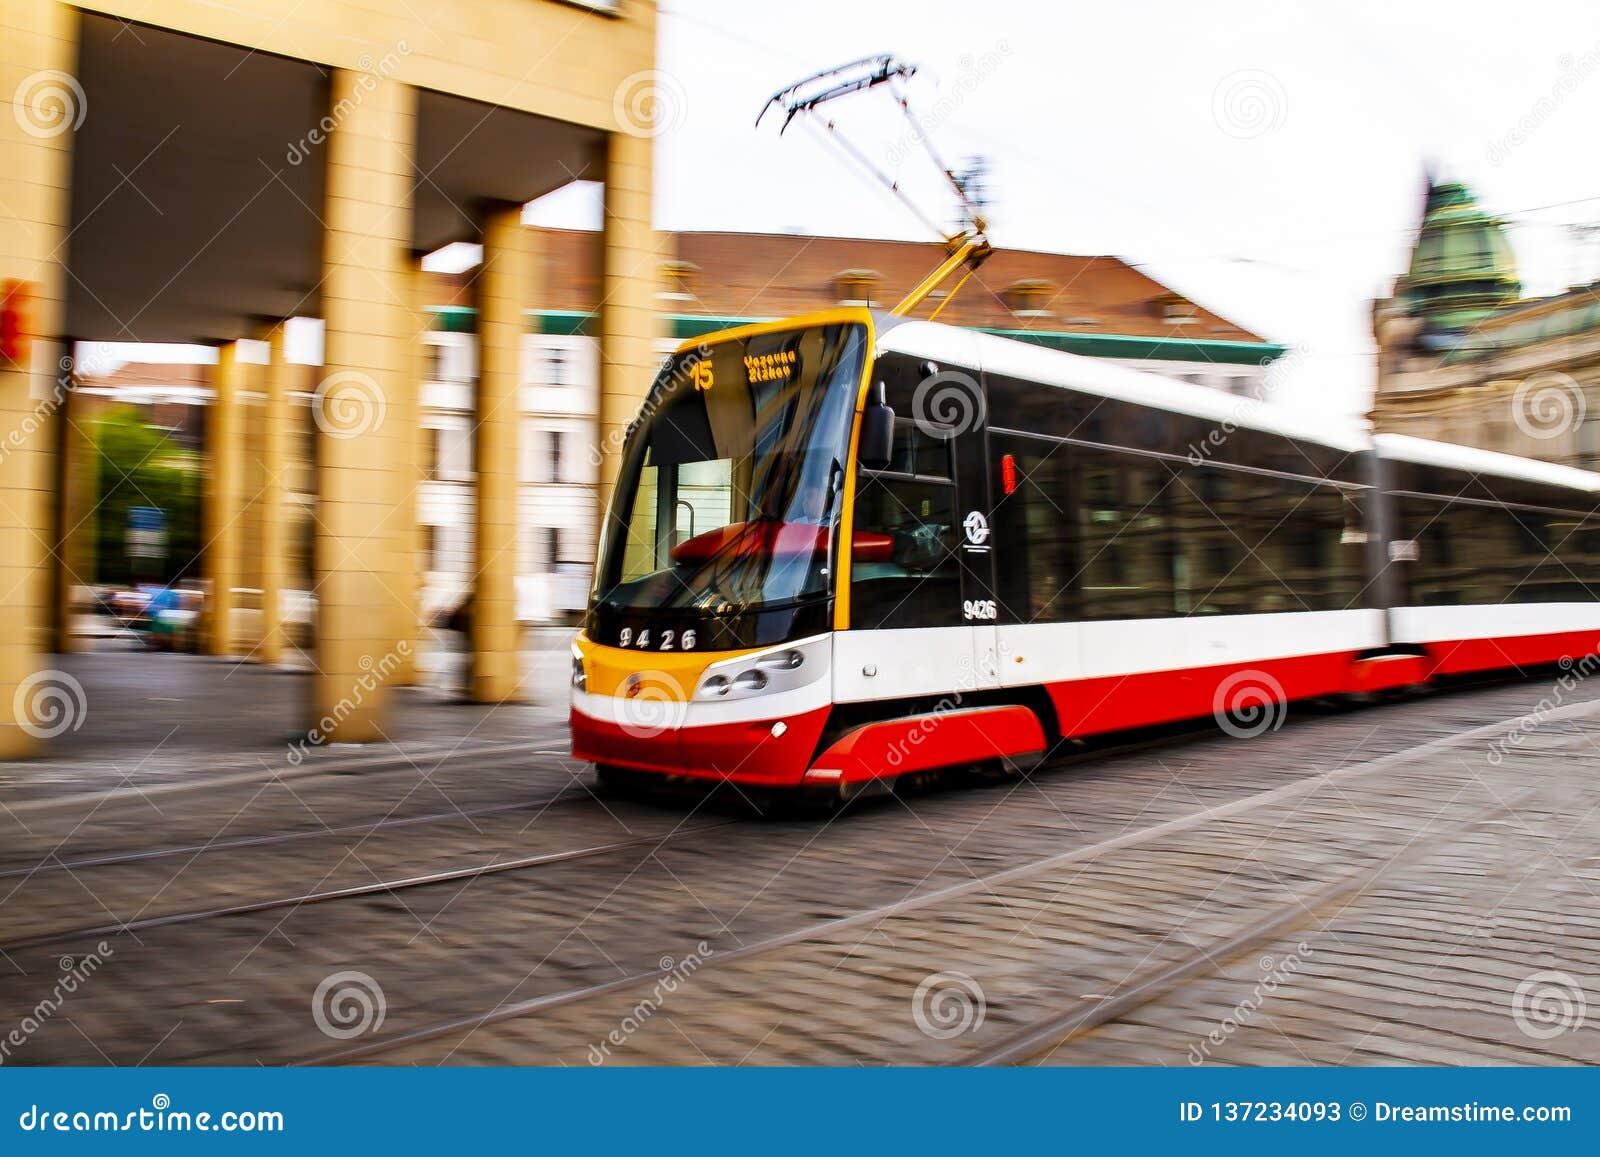 Общественный транспорт - трамвай в Праге